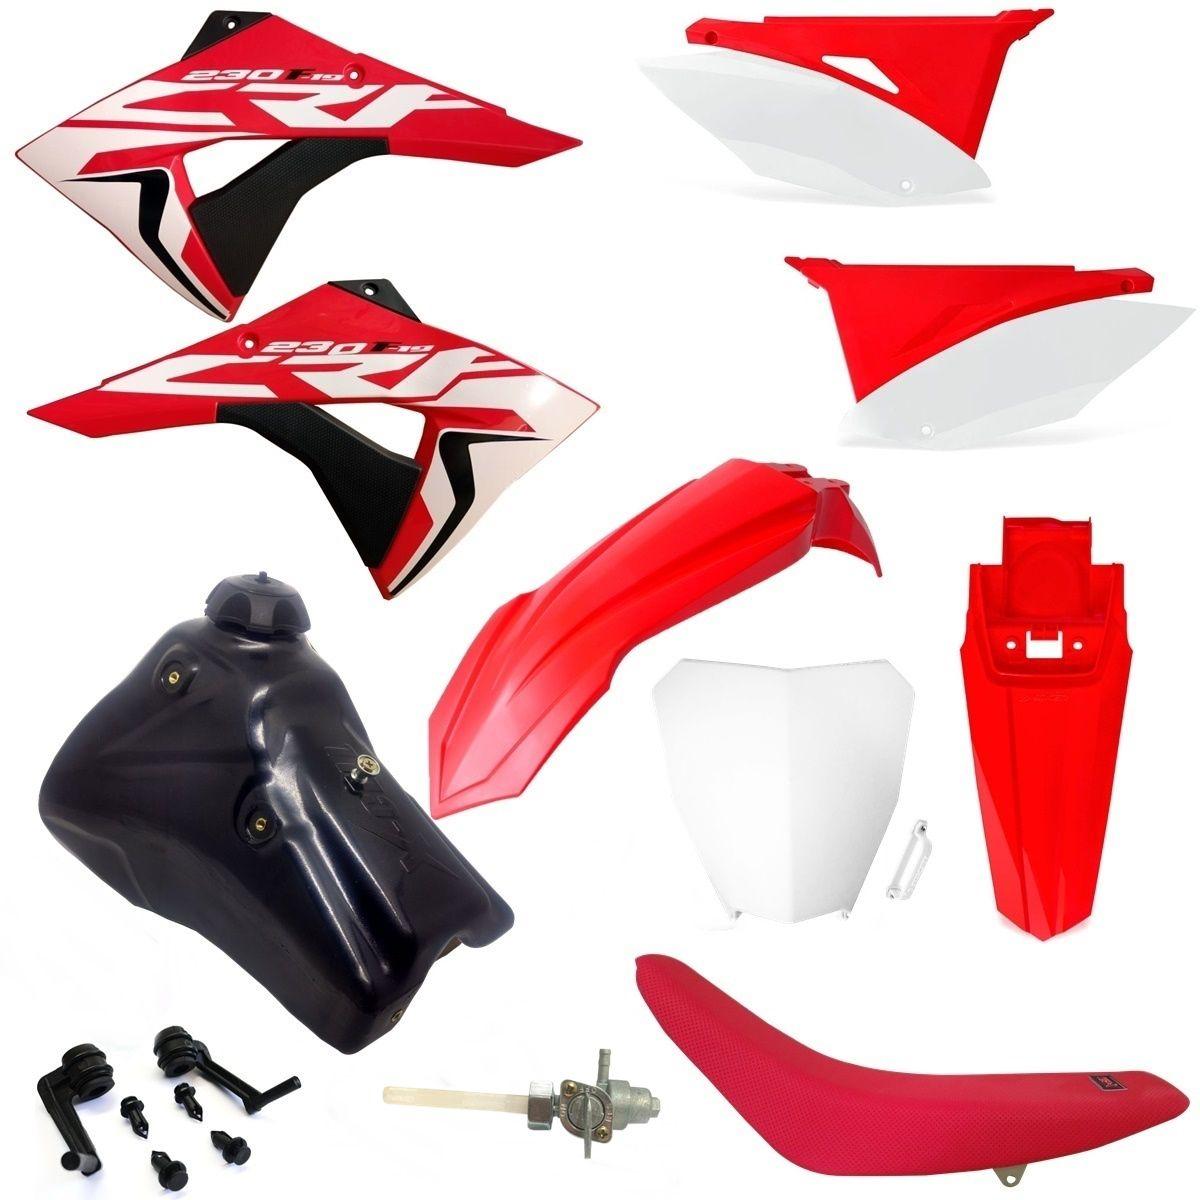 Kit Plástico Biker Elite Completo Crf 230 2007 a 2020